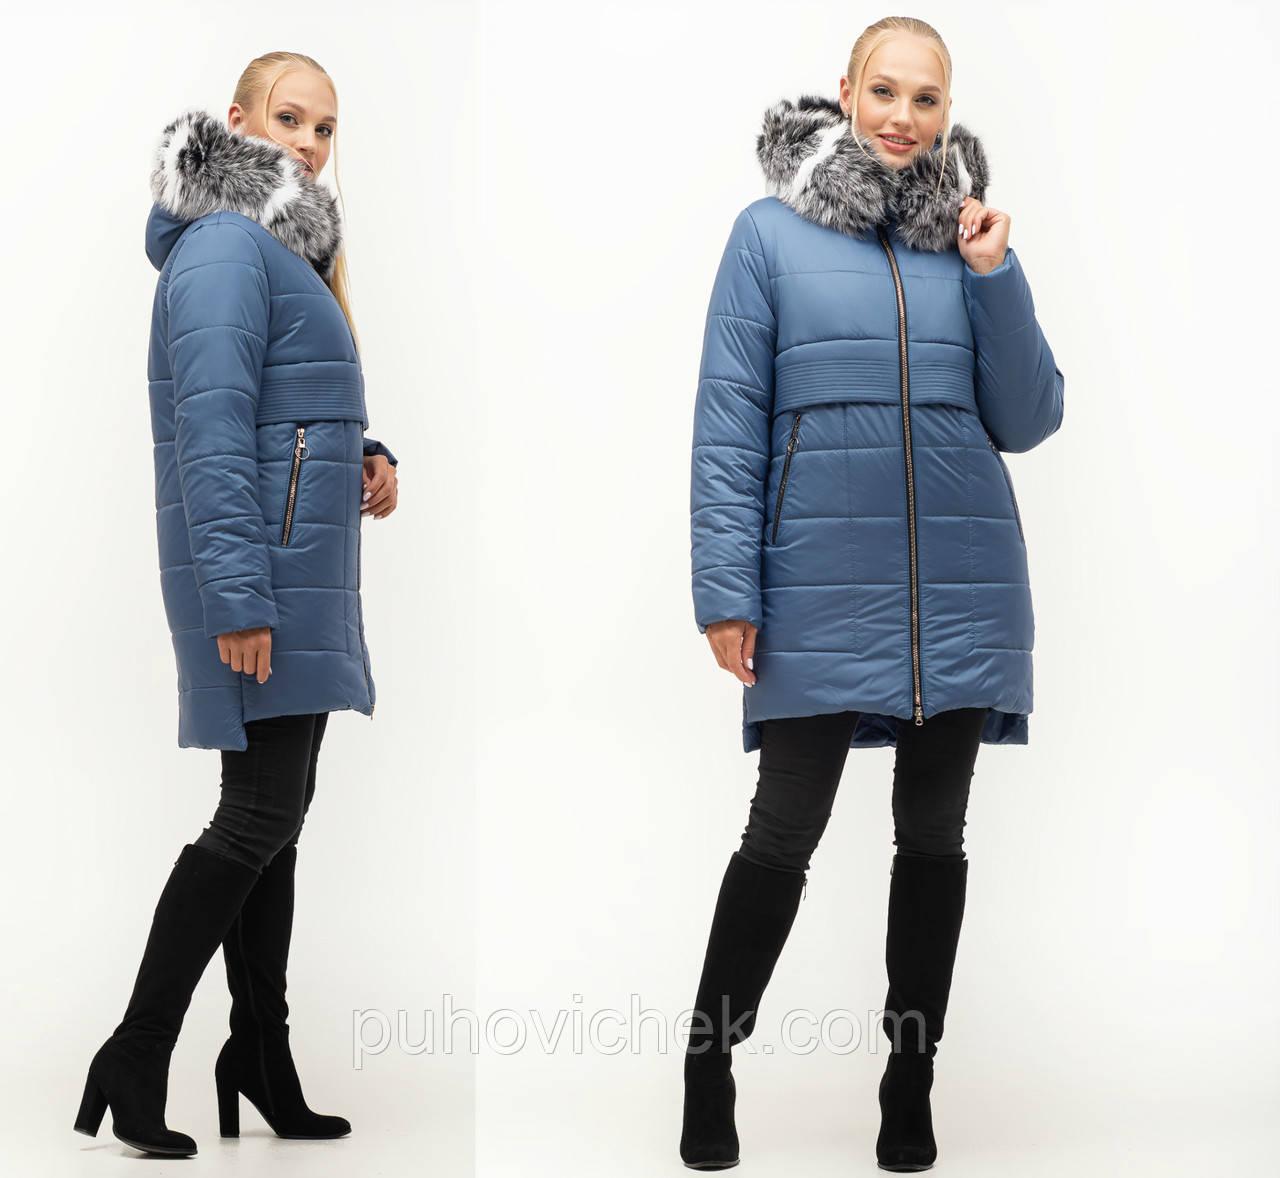 Модные женские куртки зимние с меховой опушкой размеры 46-58